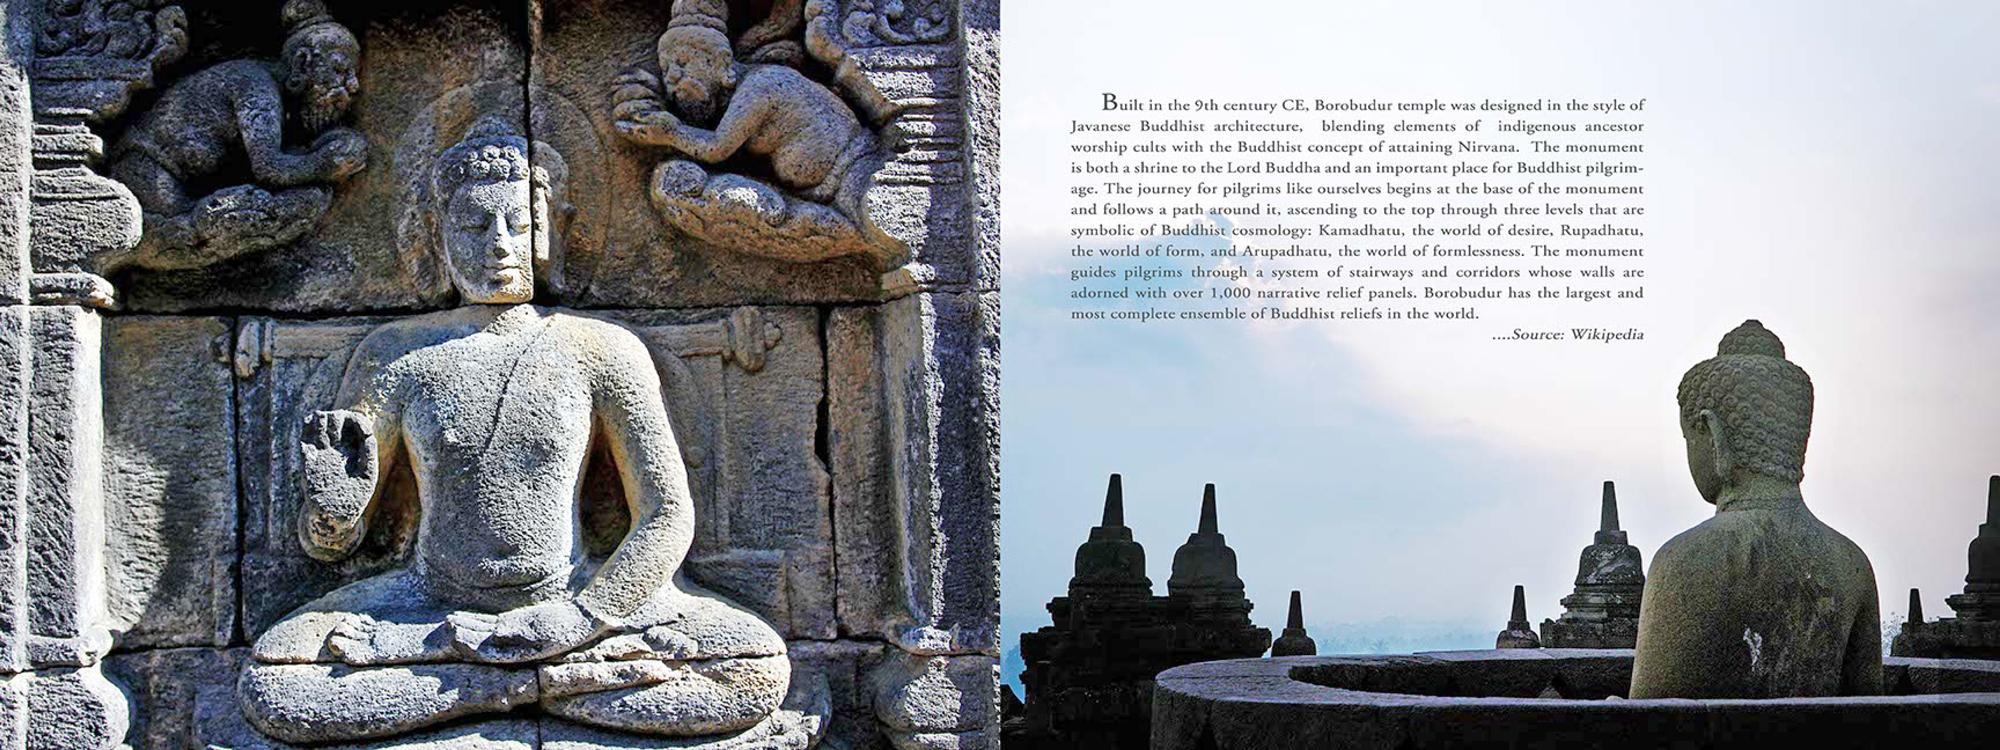 Borobudur-&-Diamond-Cutter-6